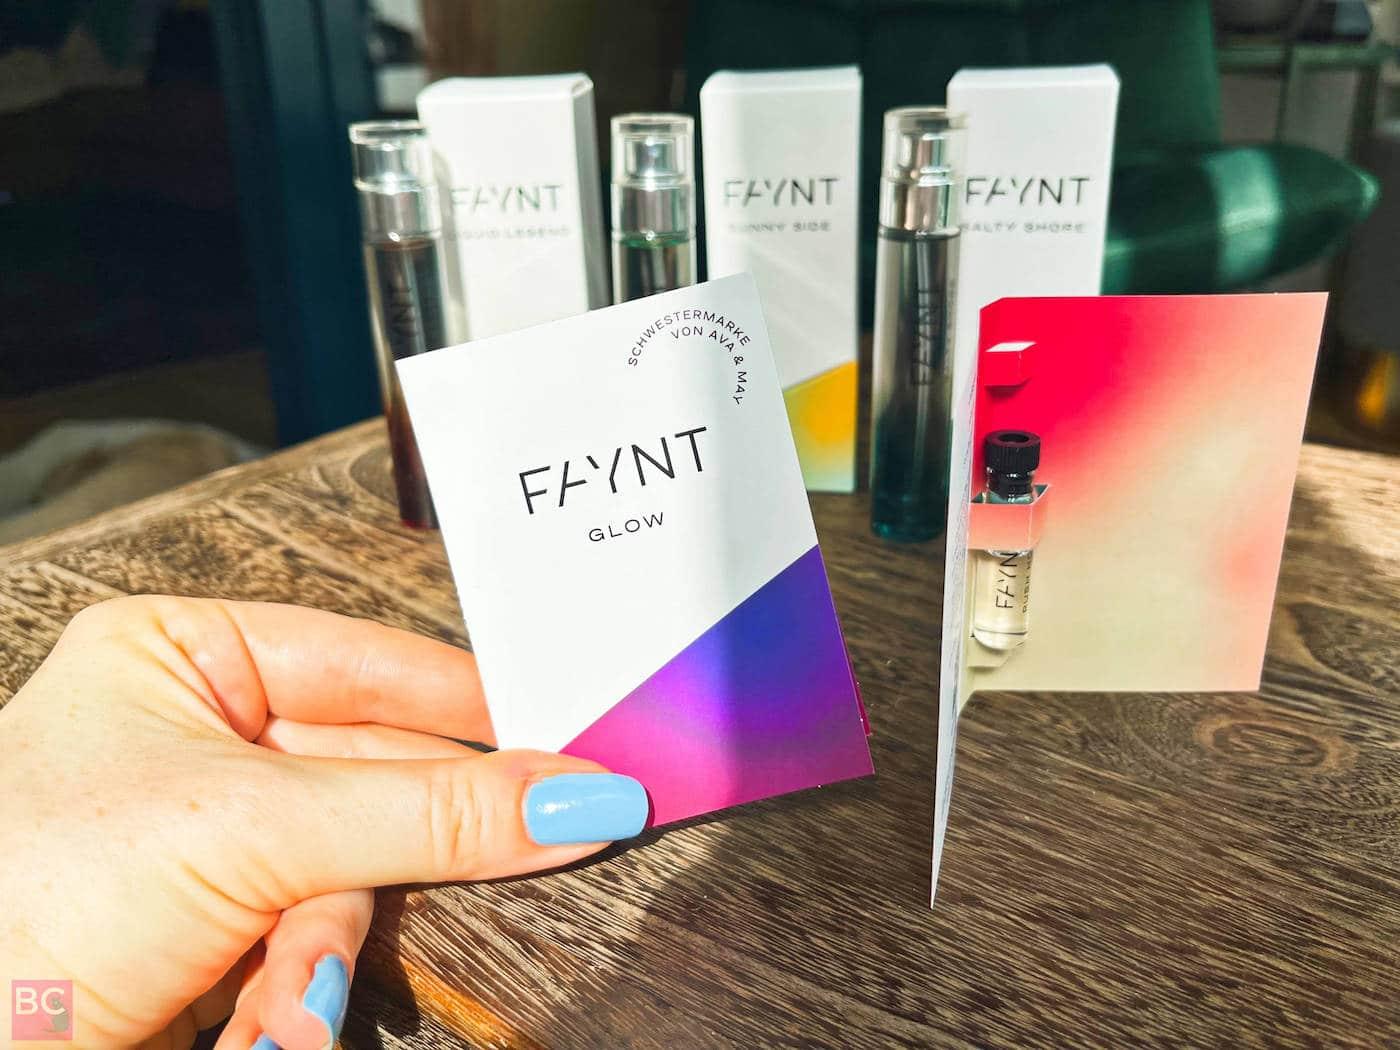 FAYNT Parfüm Glow Probeduft Erfahrungen Probepackung